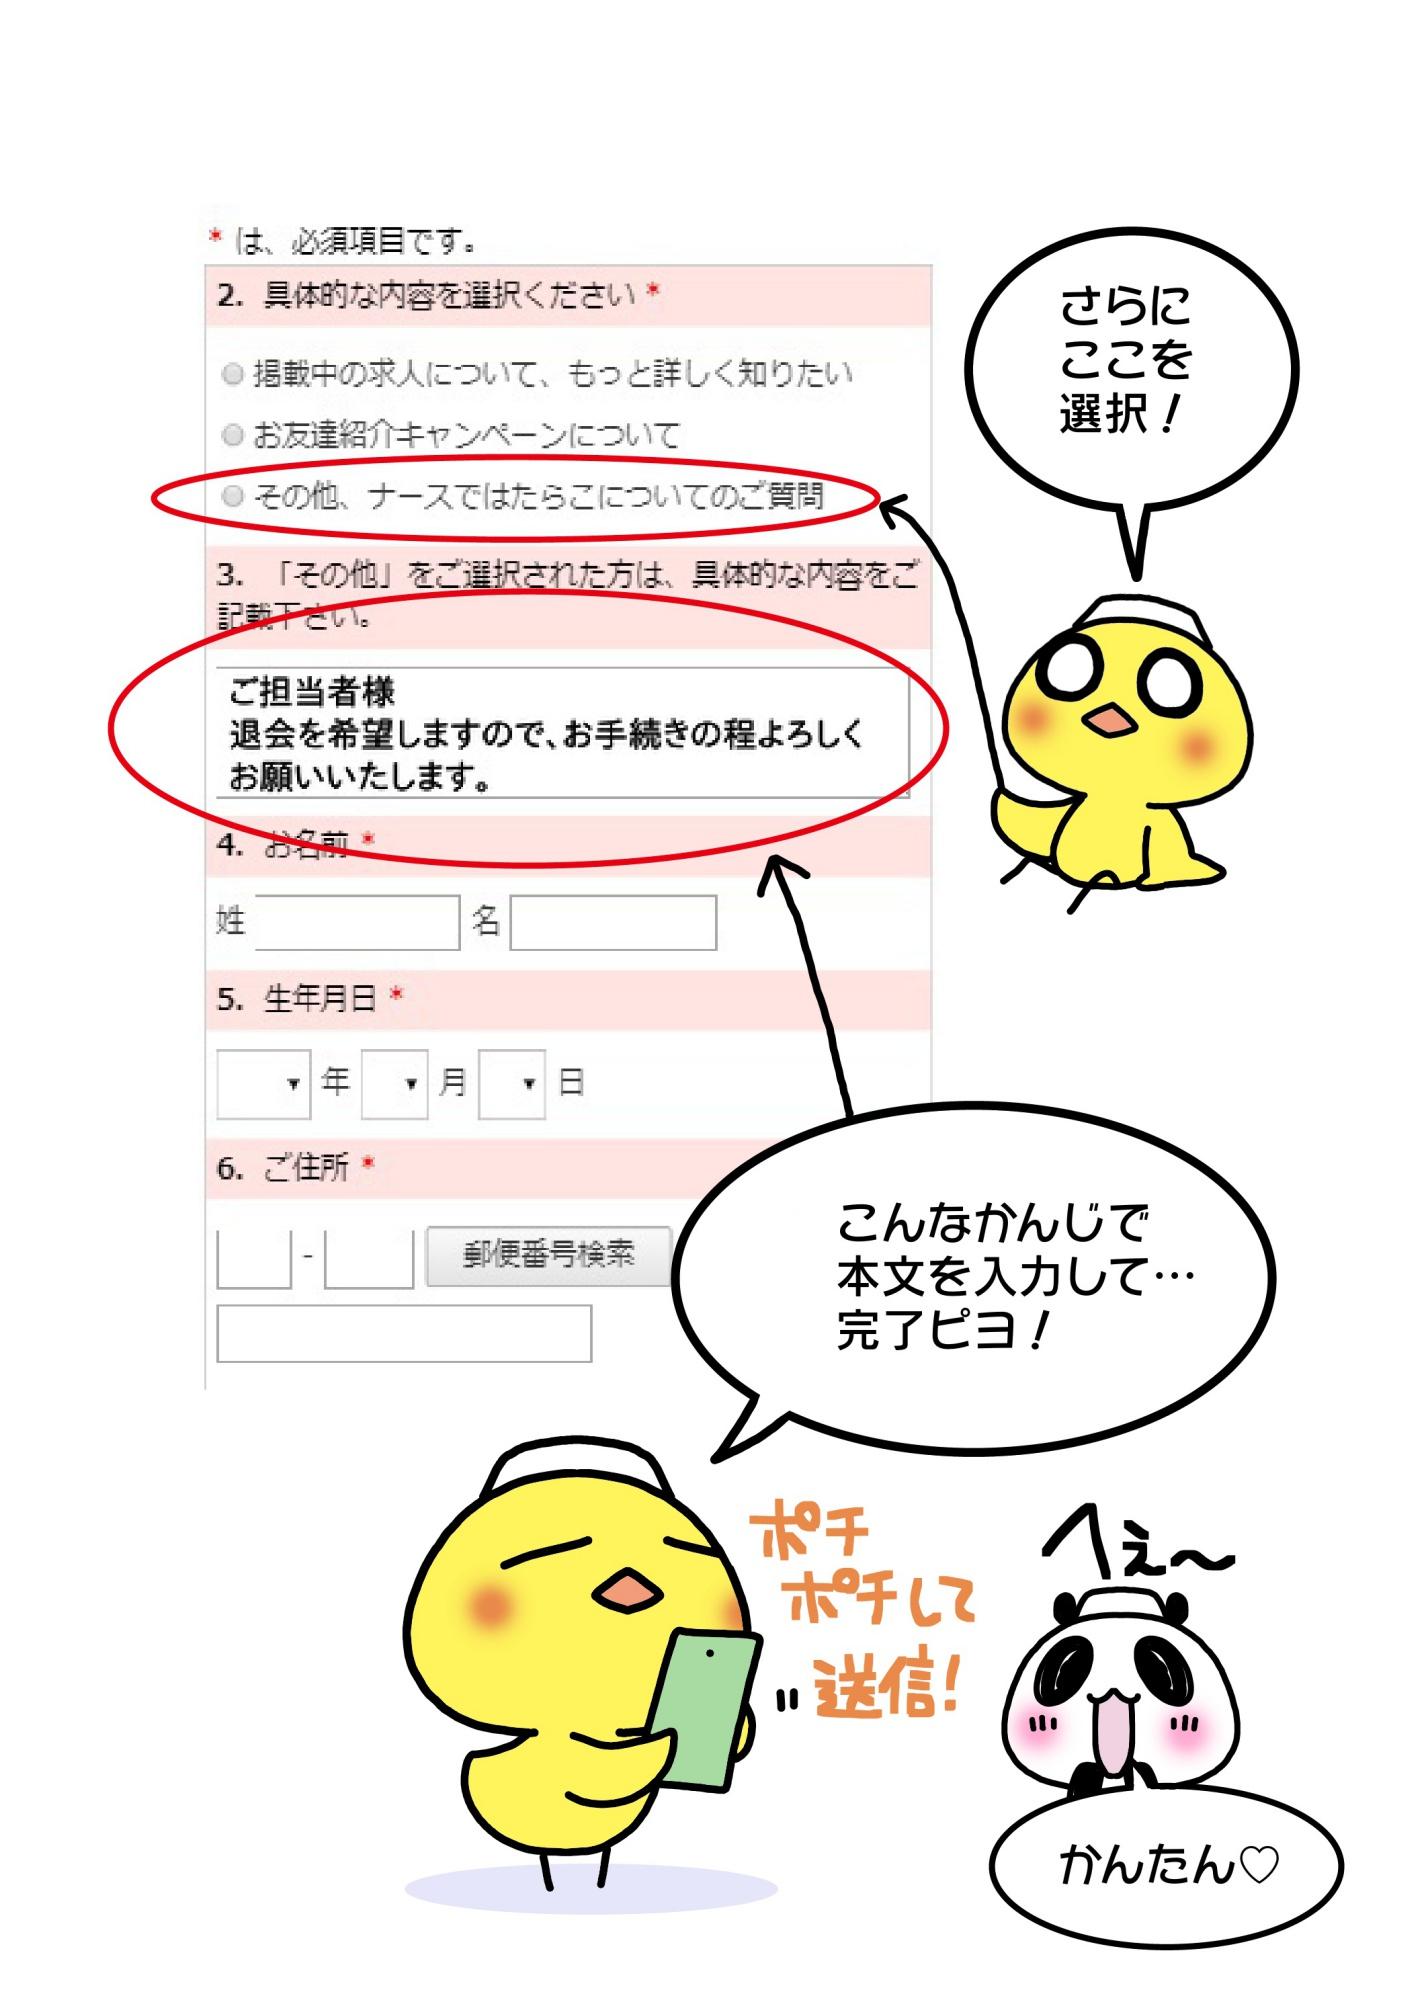 『退会方法は簡単!! メールでも退会できます』マンガ3ページ